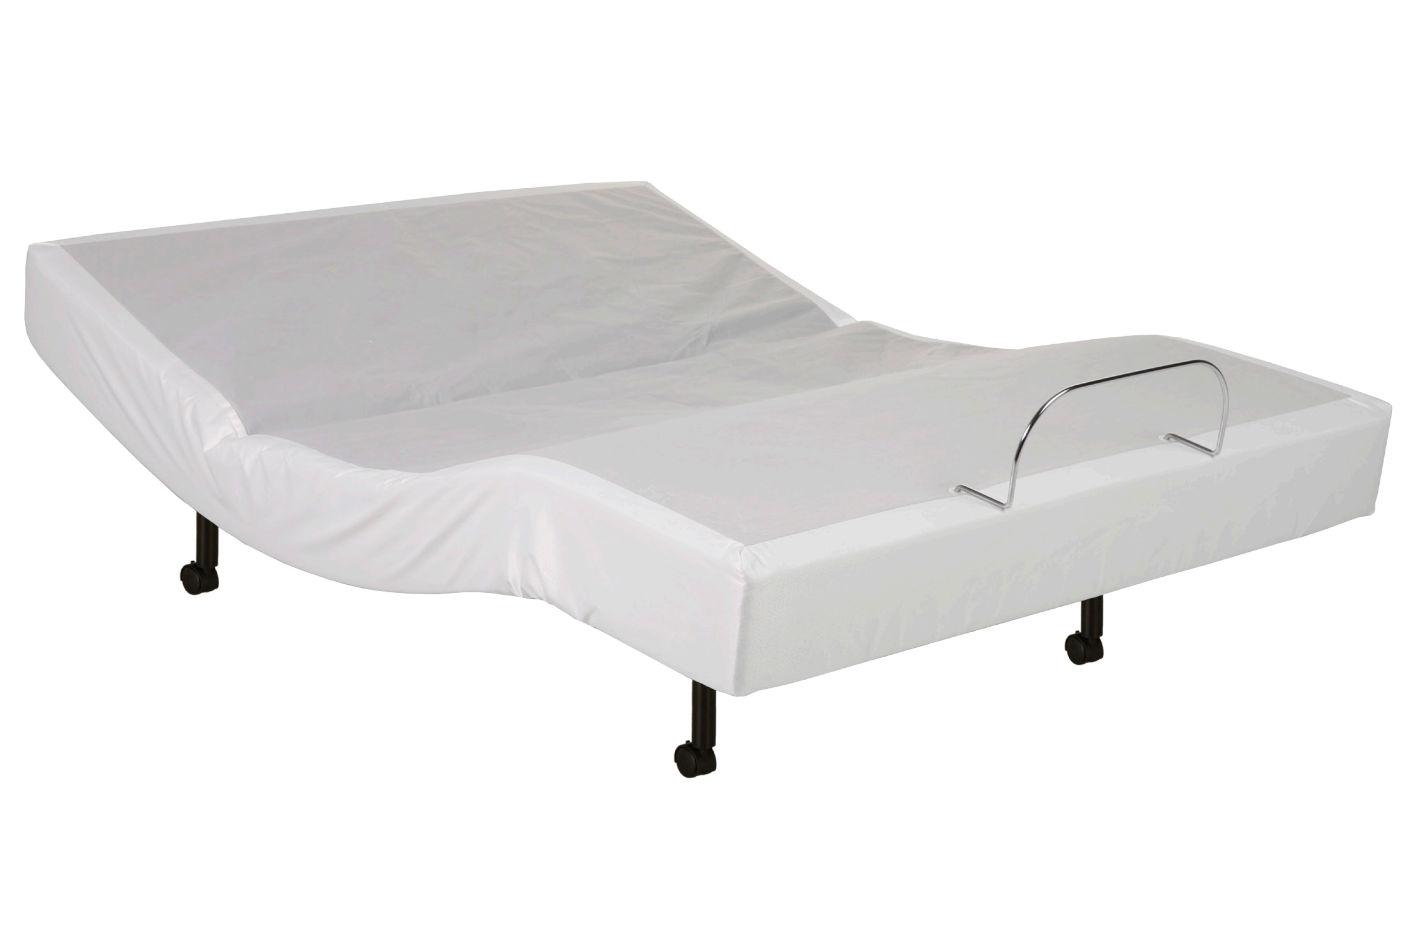 Ergomotion Adjustable Beds Reviews : Adjustable bed base rize lineal